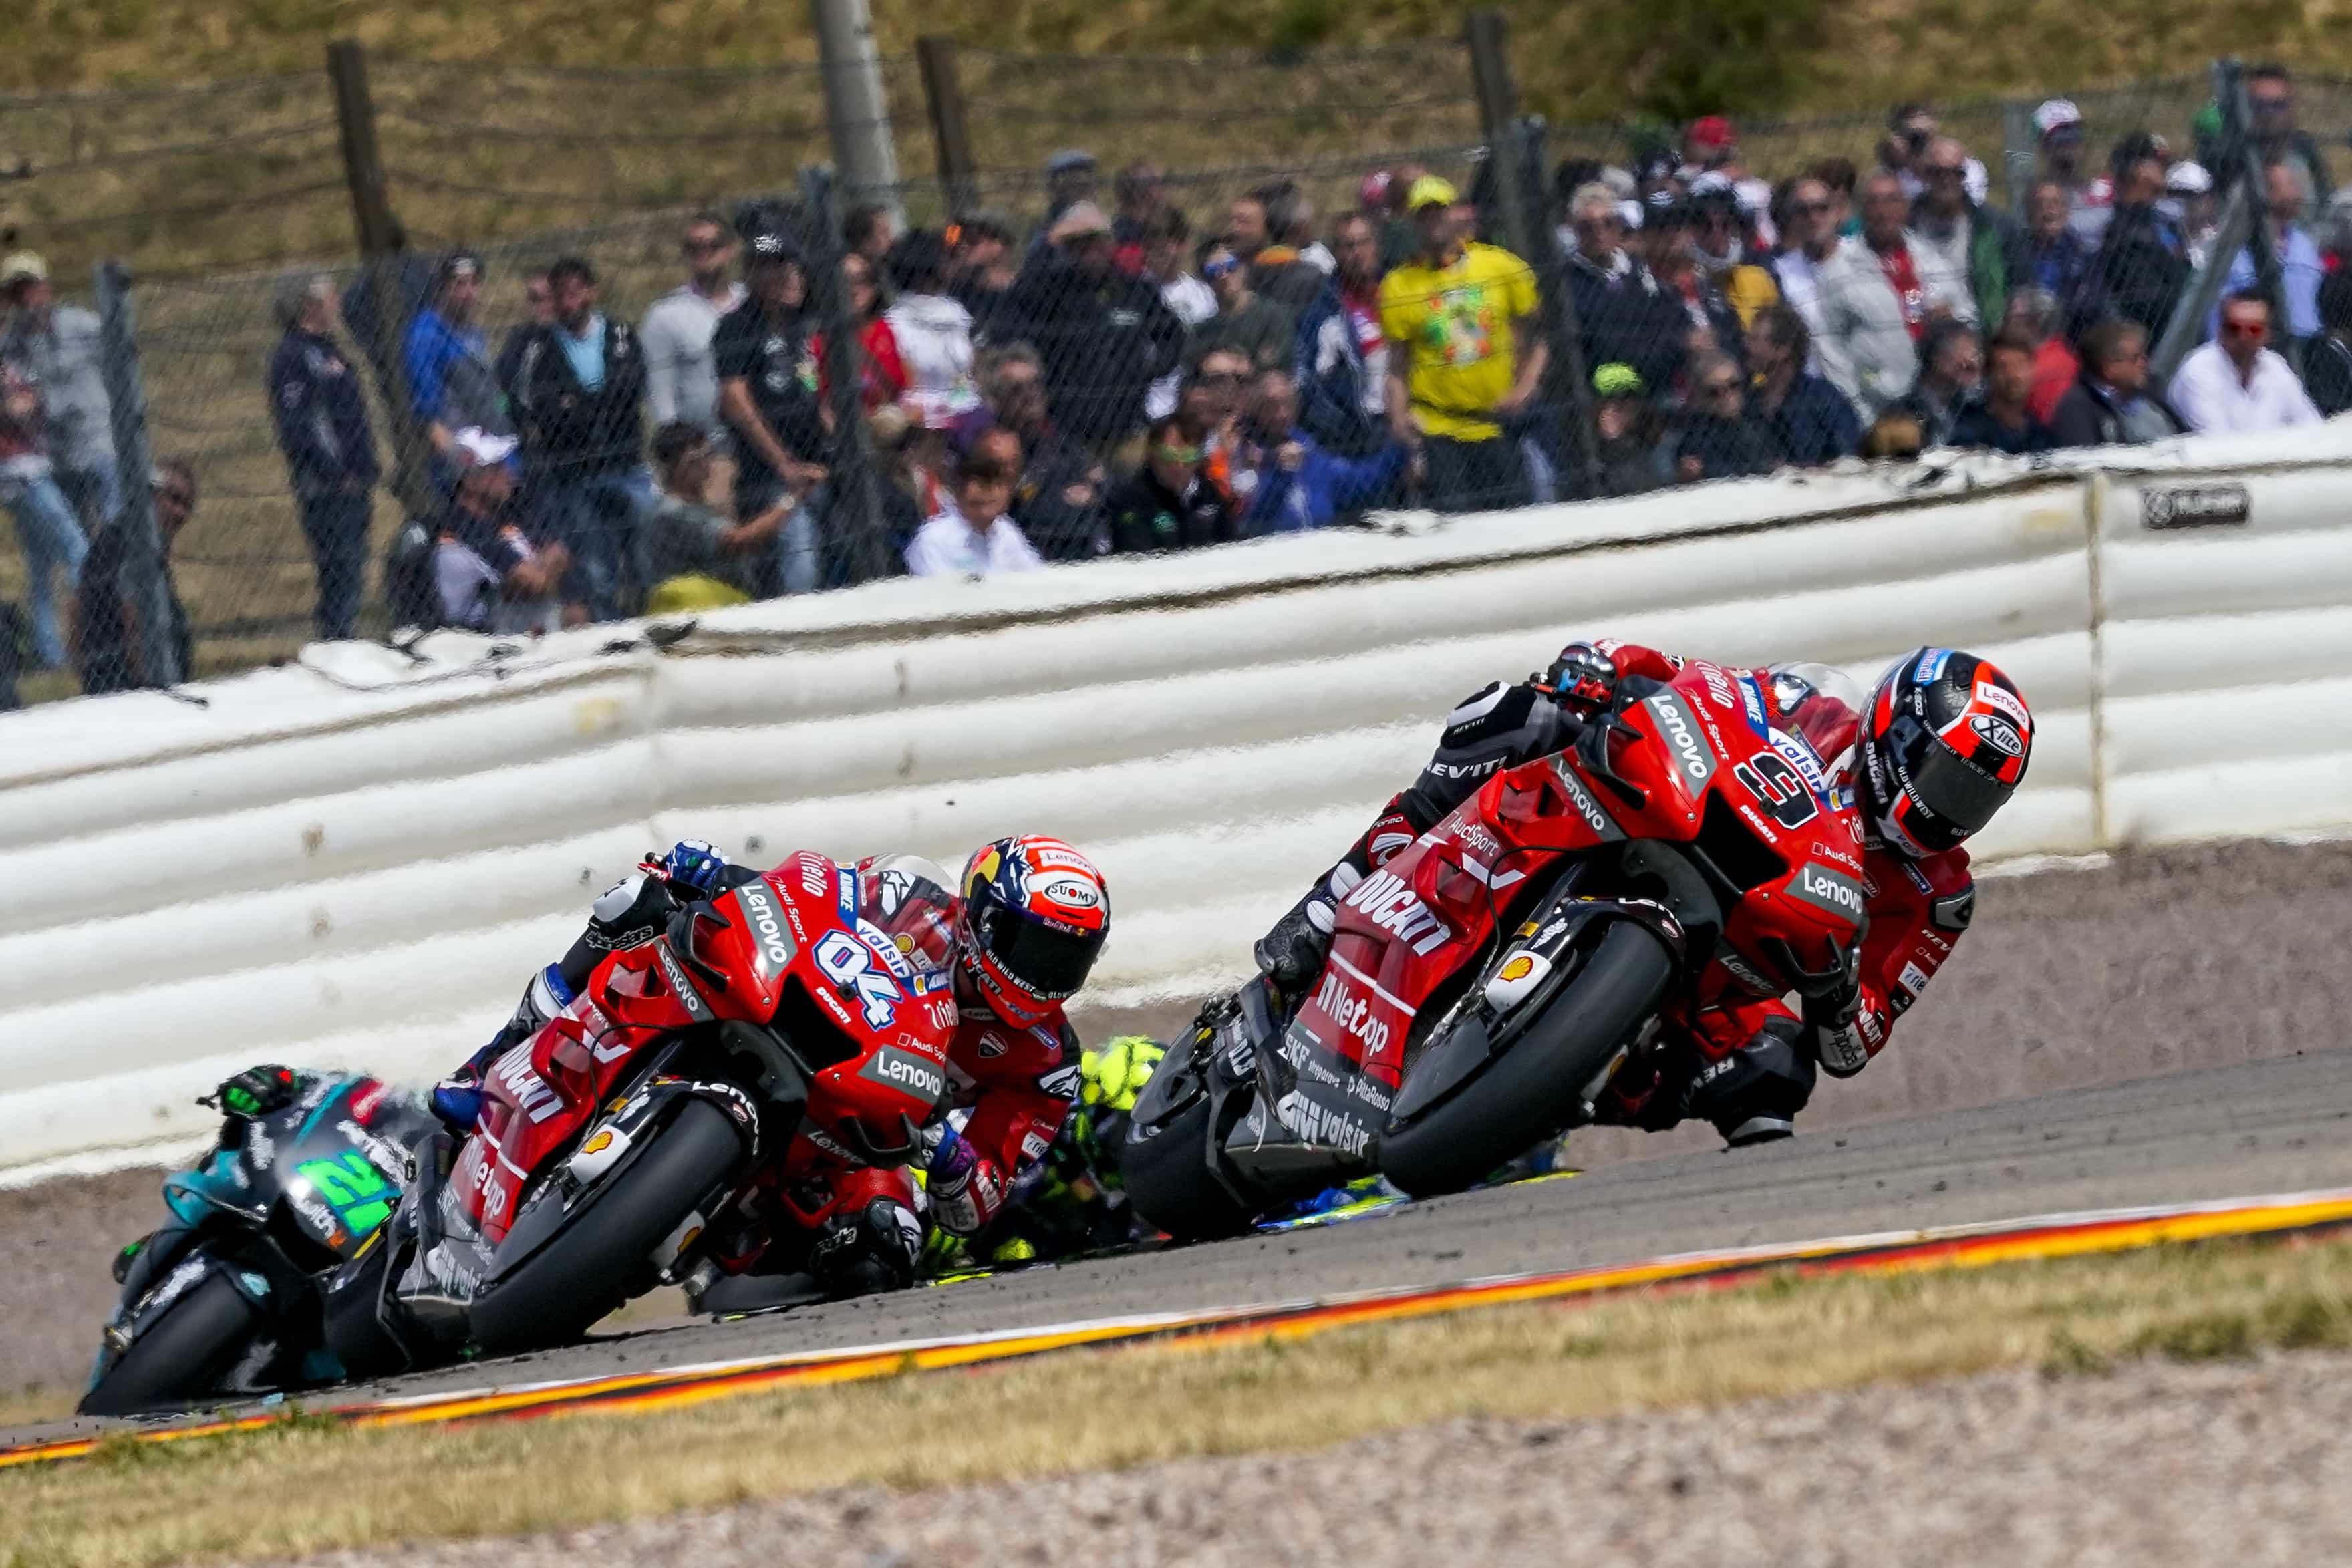 MotoGP第9戦のドイツGPで、ペトルッチとドヴィツィオーゾがポジションを大きく挽回して4位と5位でフィニッシュ